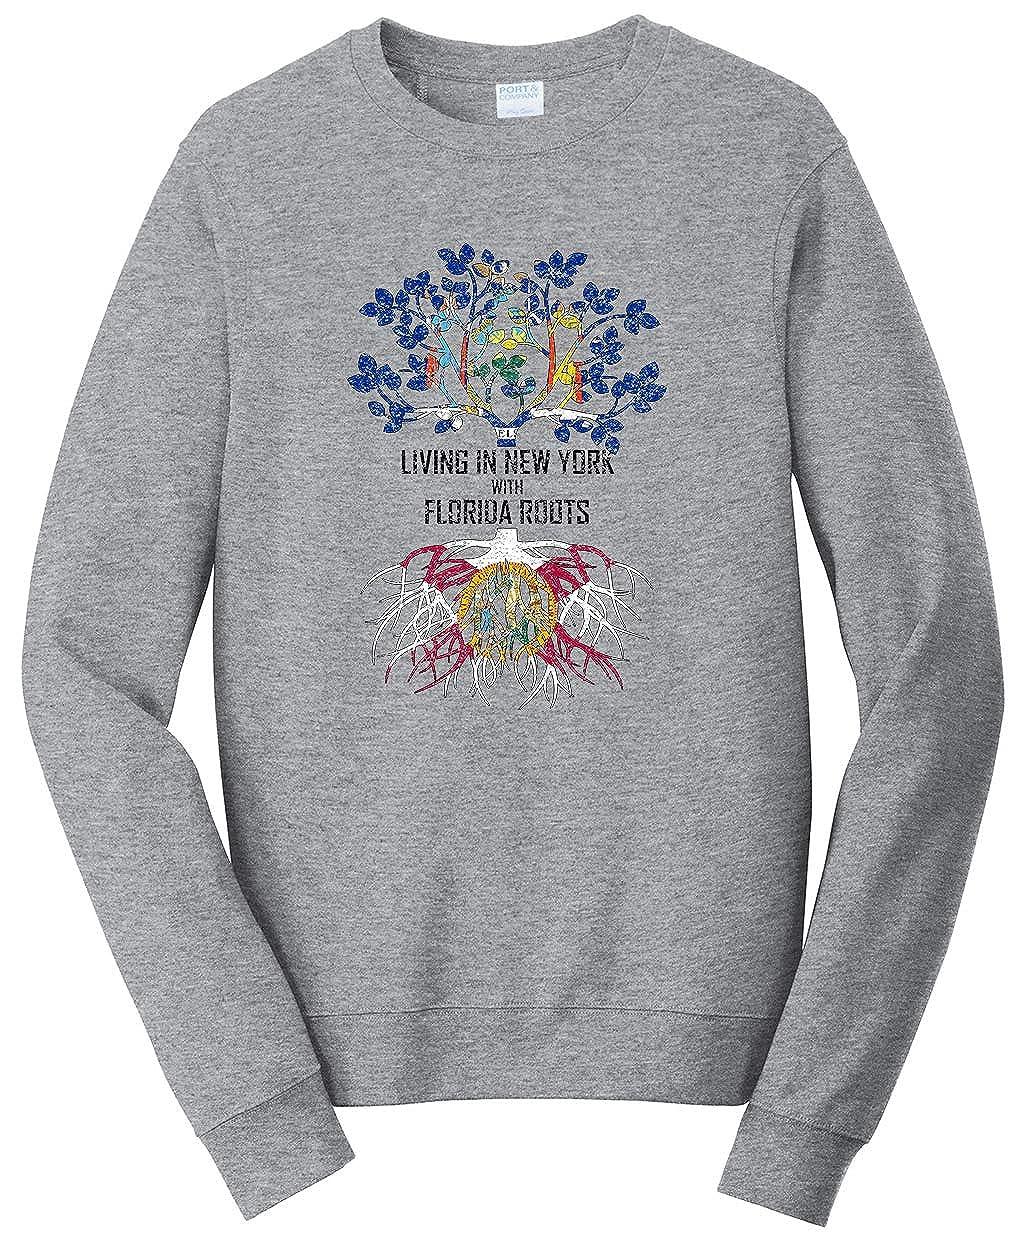 Tenacitee Unisex Living in York Florida Roots Sweatshirt